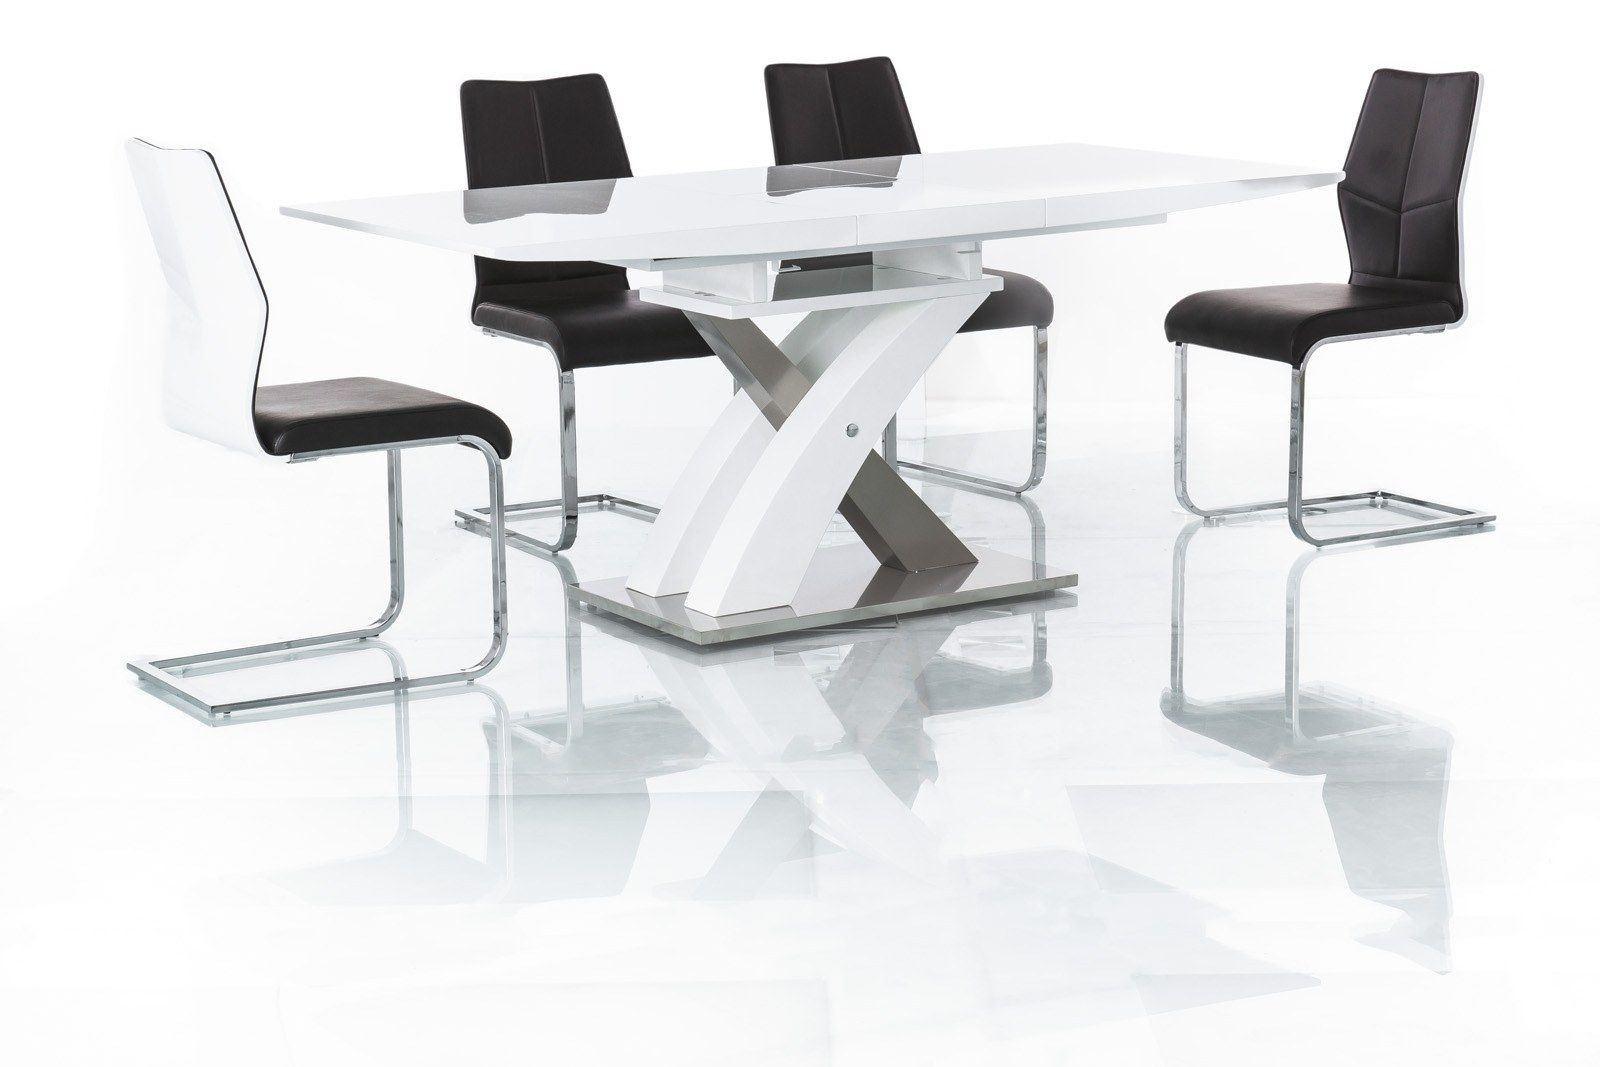 Esstisch Raul modern mit edlen Fuß und erweiterbarer Tischplatte in weiss.